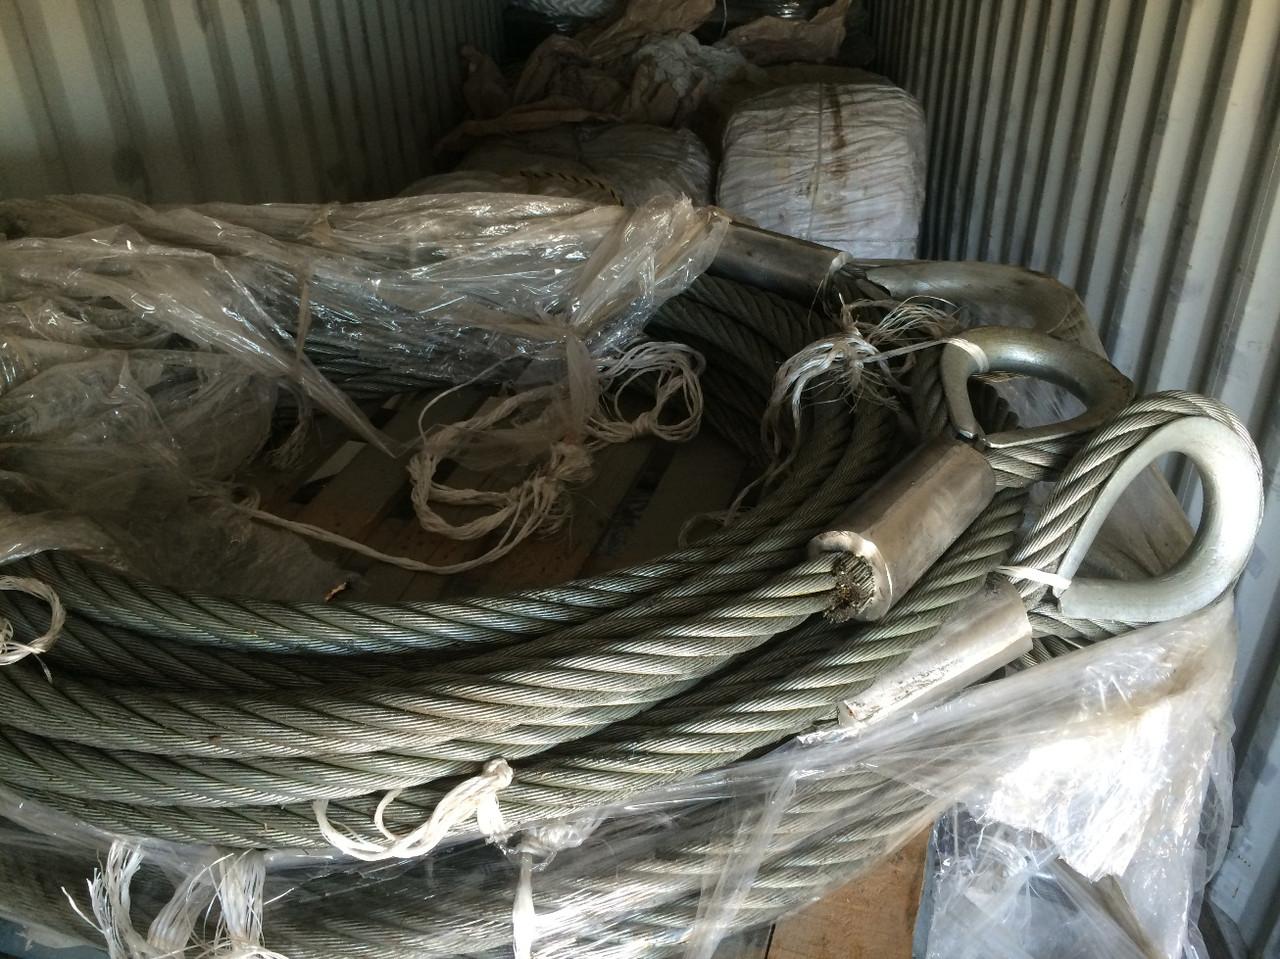 Трос: буксирный, стальной, (усы), 15 м х 38 мм, 103 тн, с коушами на обеих концах